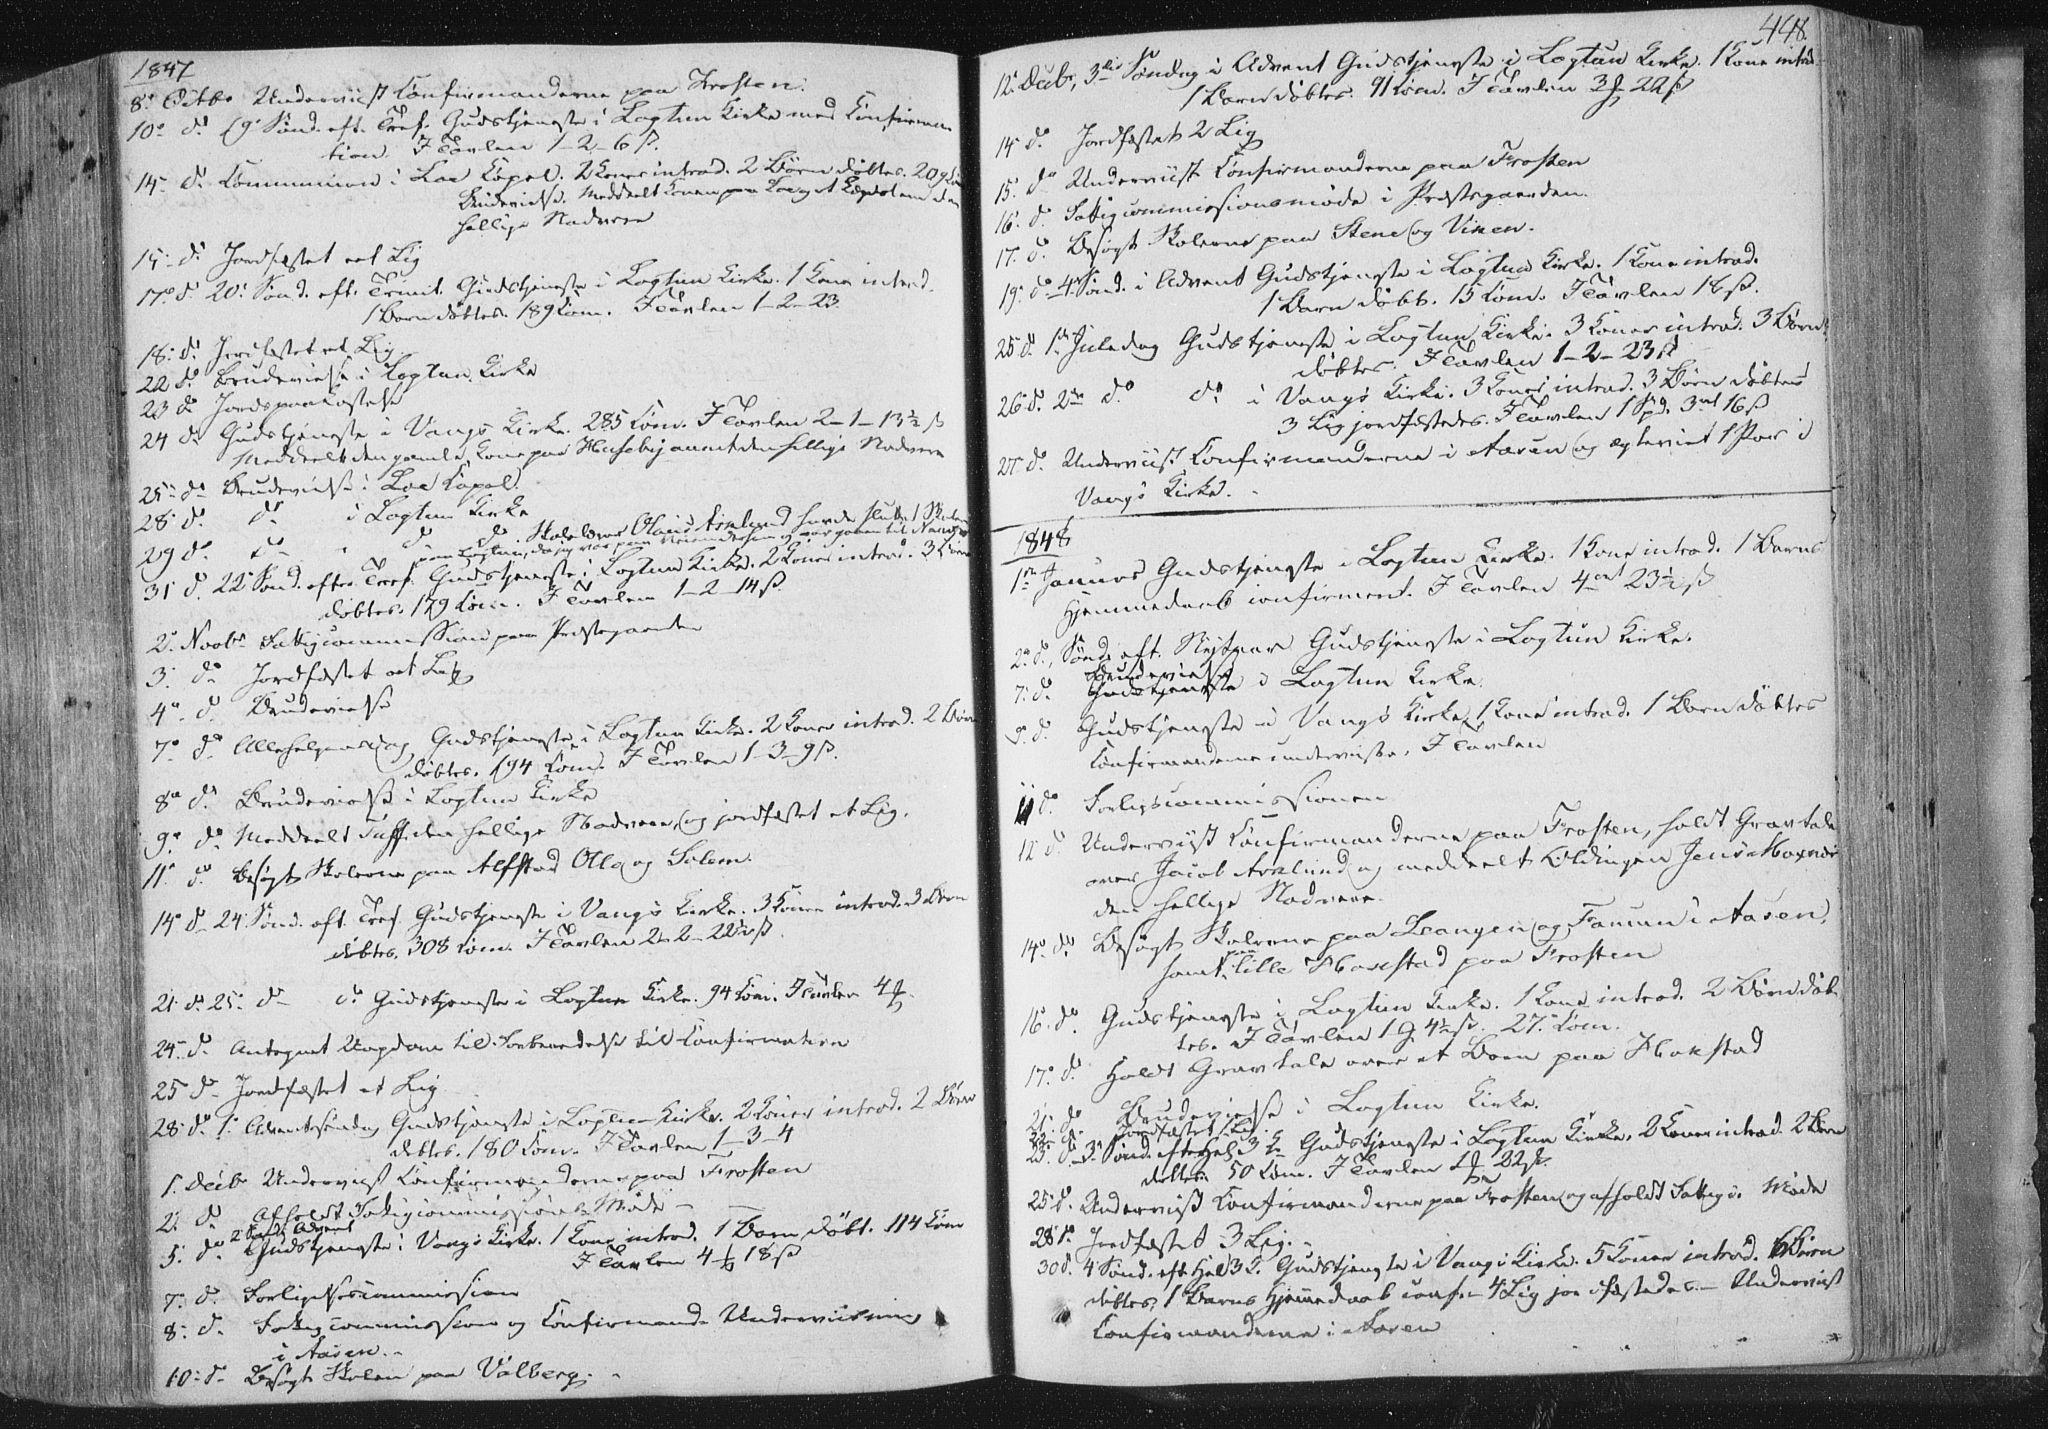 SAT, Ministerialprotokoller, klokkerbøker og fødselsregistre - Nord-Trøndelag, 713/L0115: Ministerialbok nr. 713A06, 1838-1851, s. 448